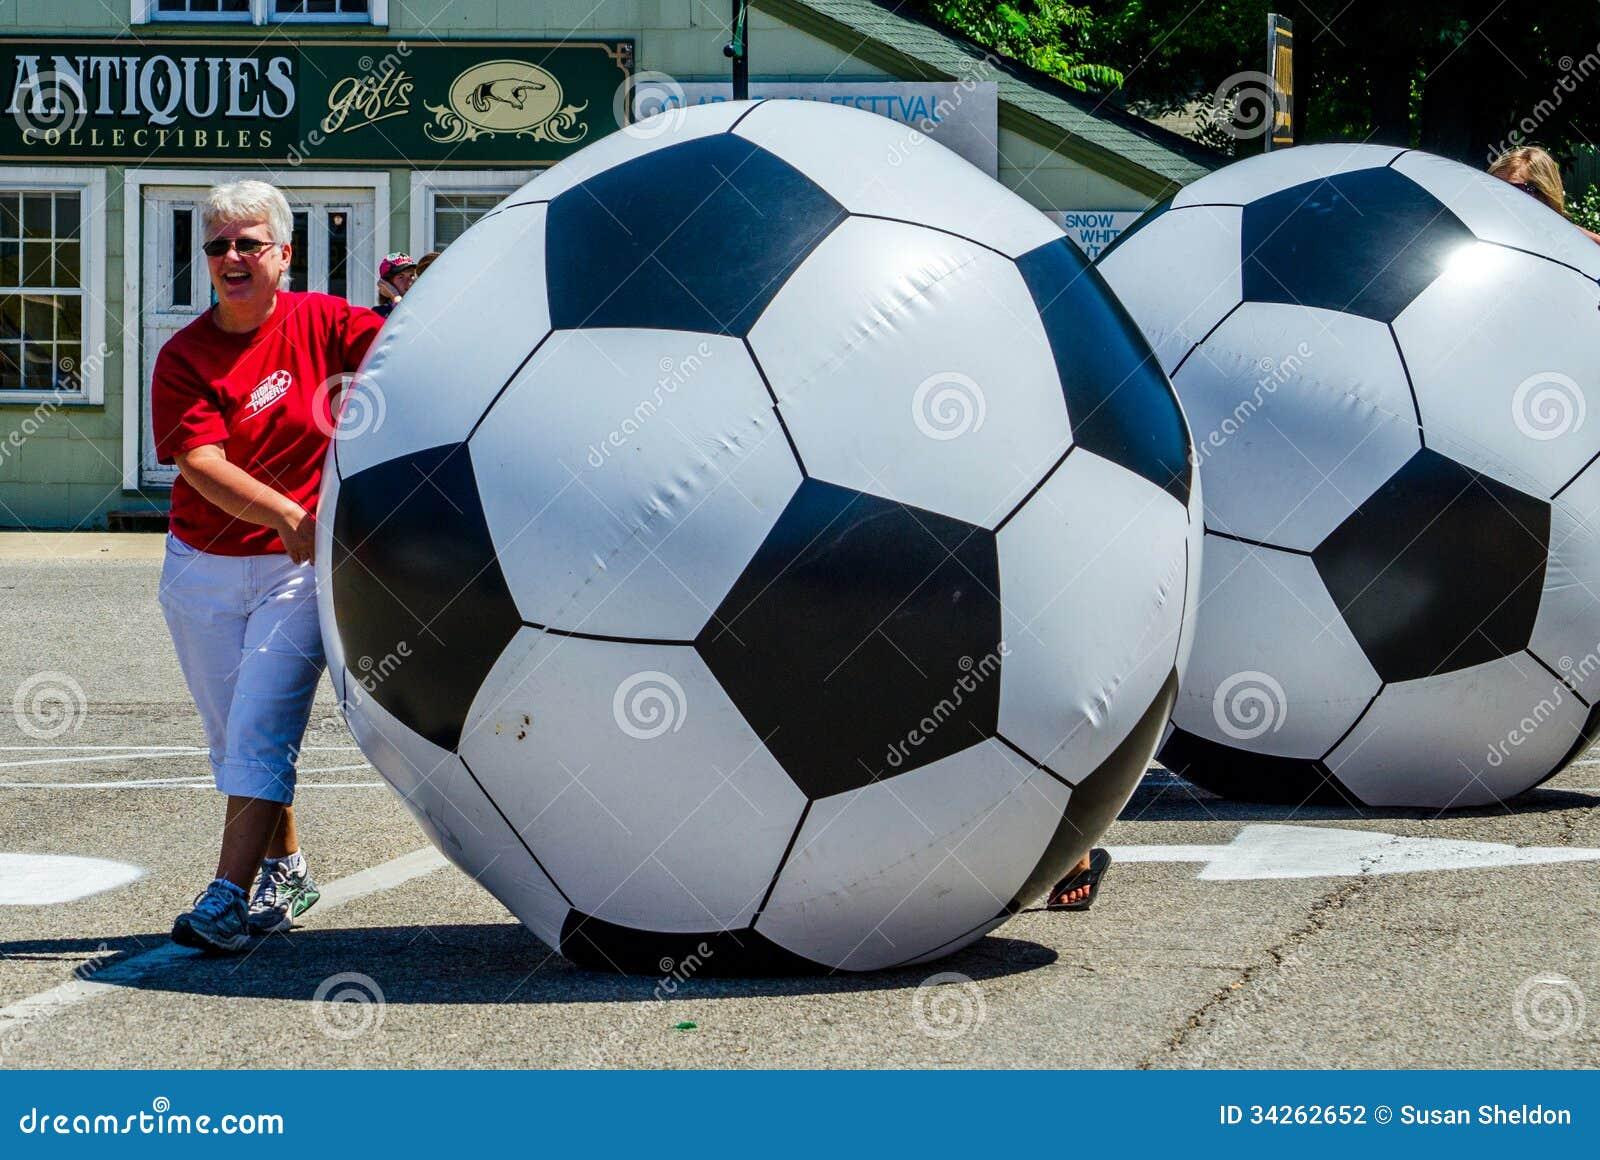 Women rolling giant soccer balls moms roll down street peach festival